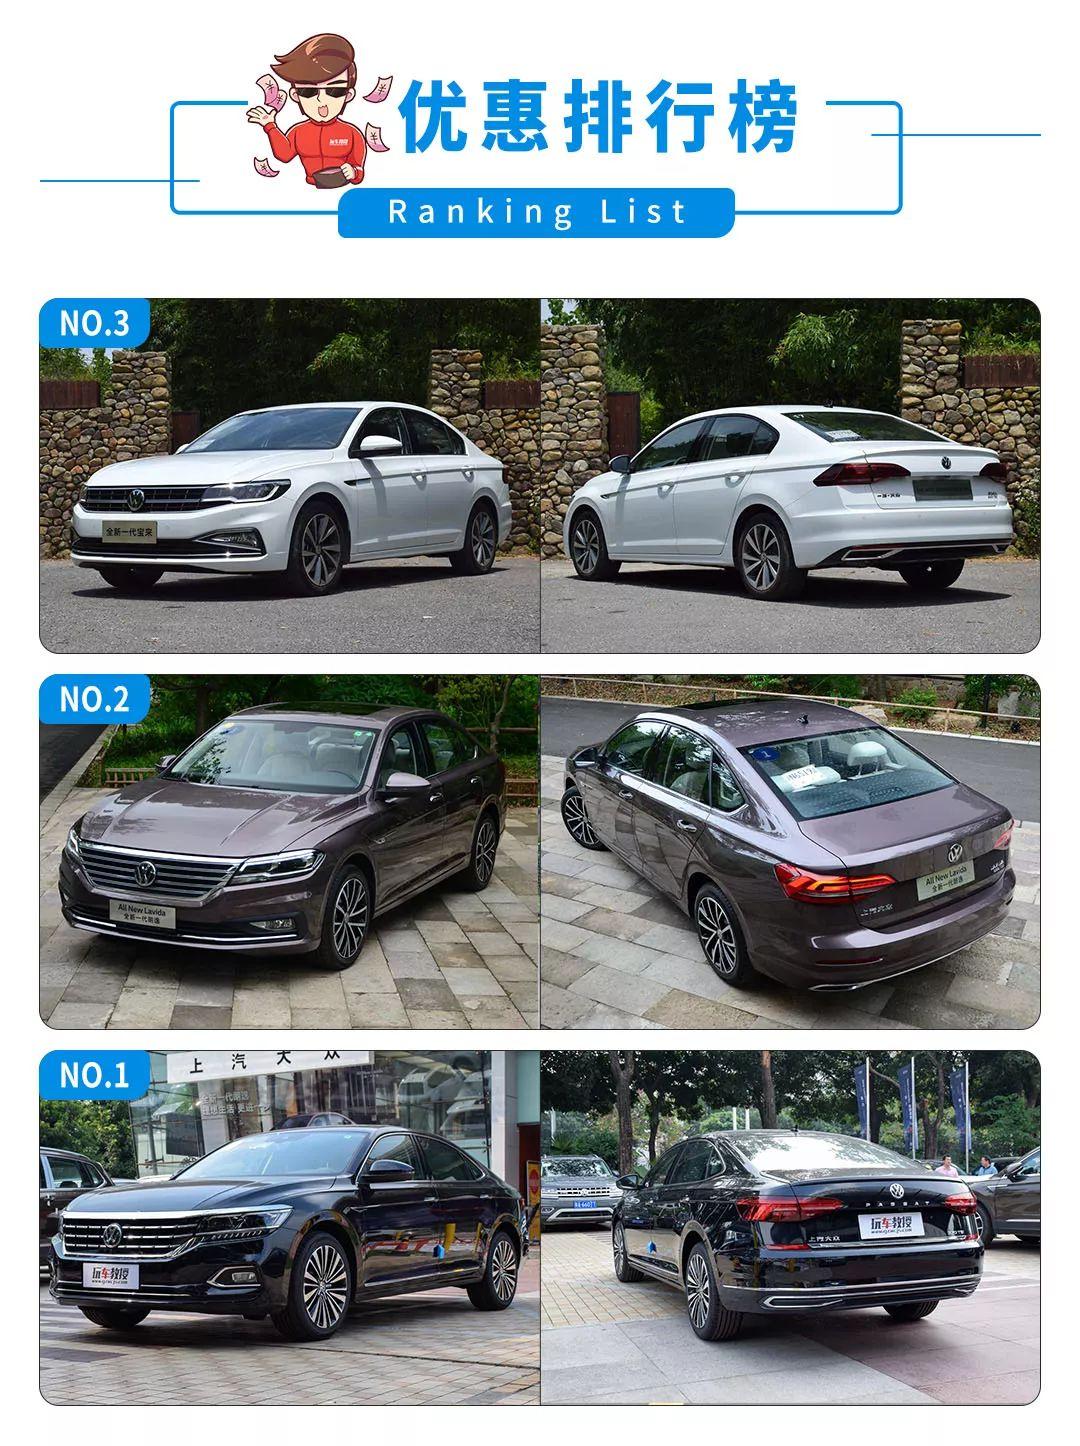 7月销量超高的几款轿车/SUV优惠曝光,最高降了10几万…